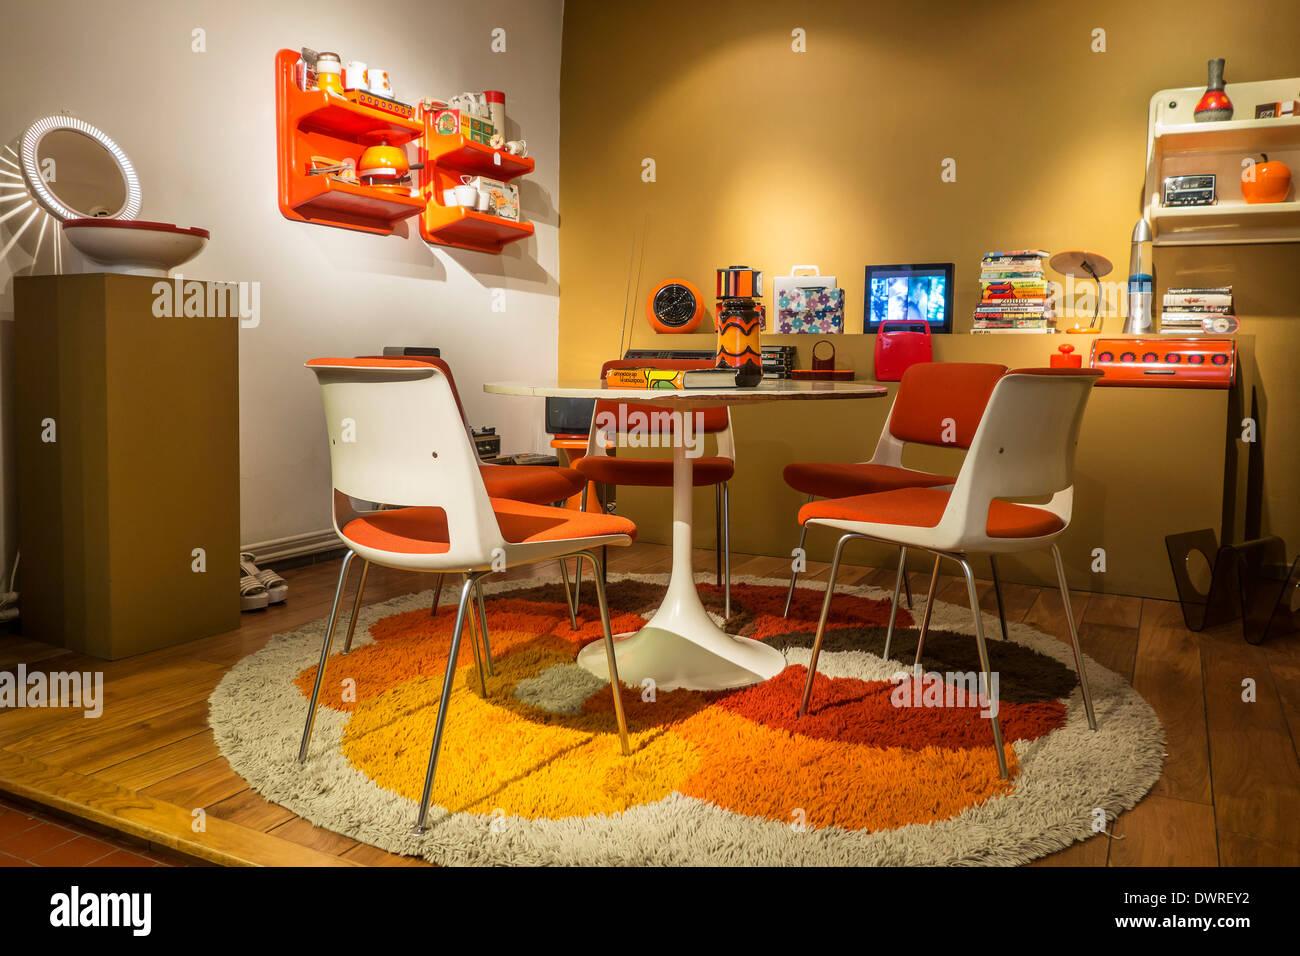 Orange Wohnzimmer Interieur zeigt Wohnmöbel der siebziger Jahre im ...